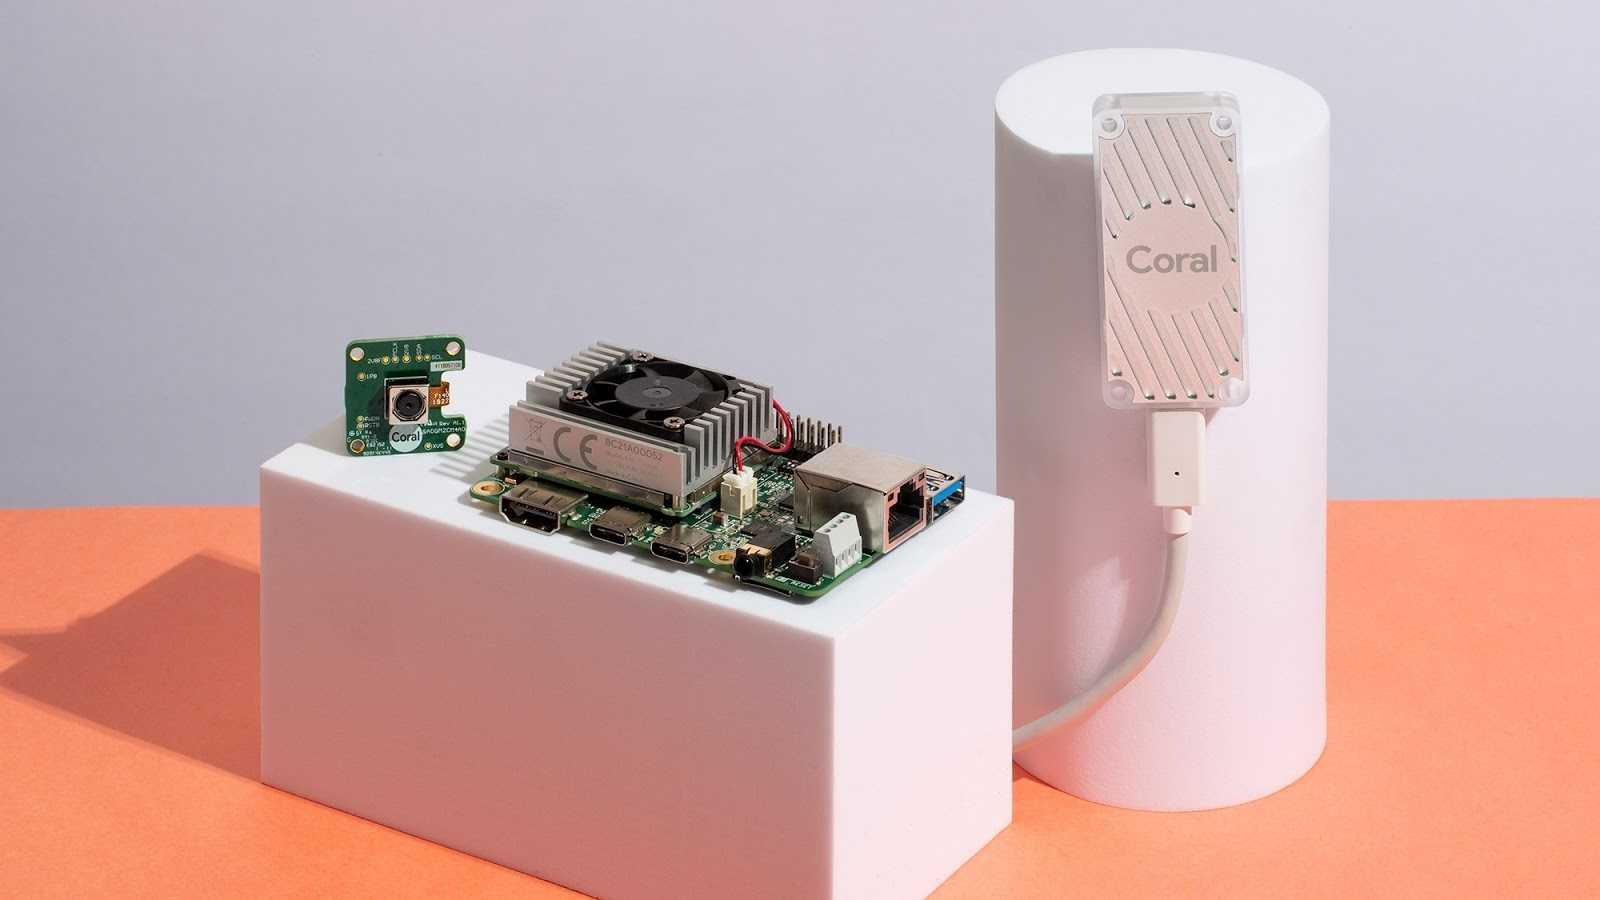 Das Coral-Entwickler-Board zusammen mit dem Kameramodul und dem USB Accelerator